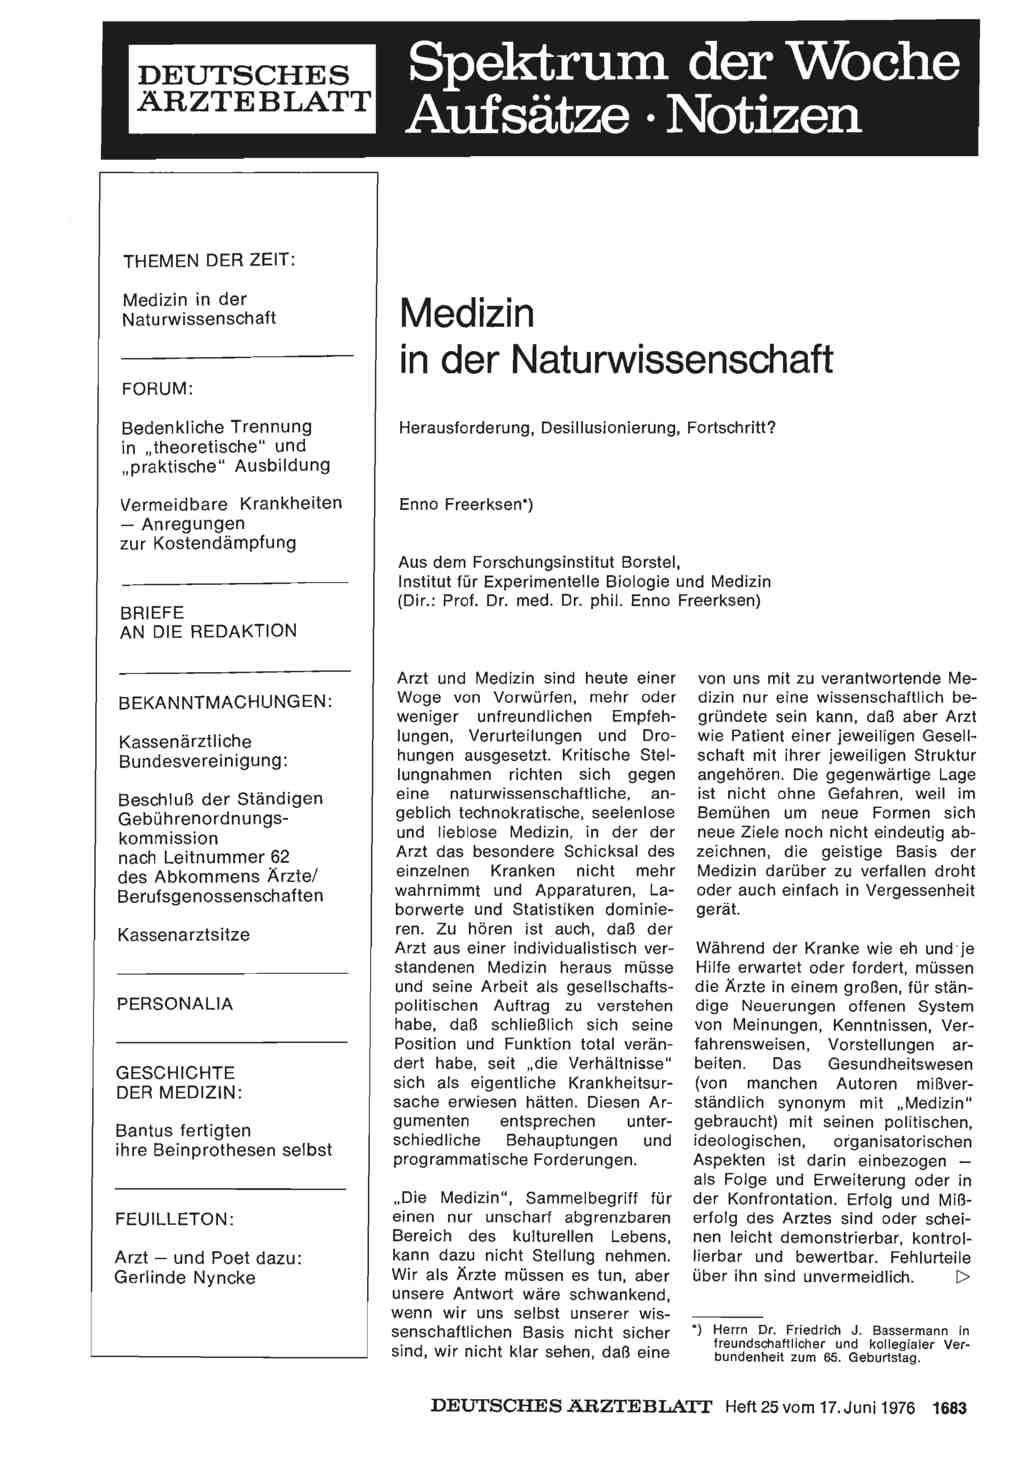 Medizin in der naturwissenschaft herausforderung for Medizin studieren schweiz